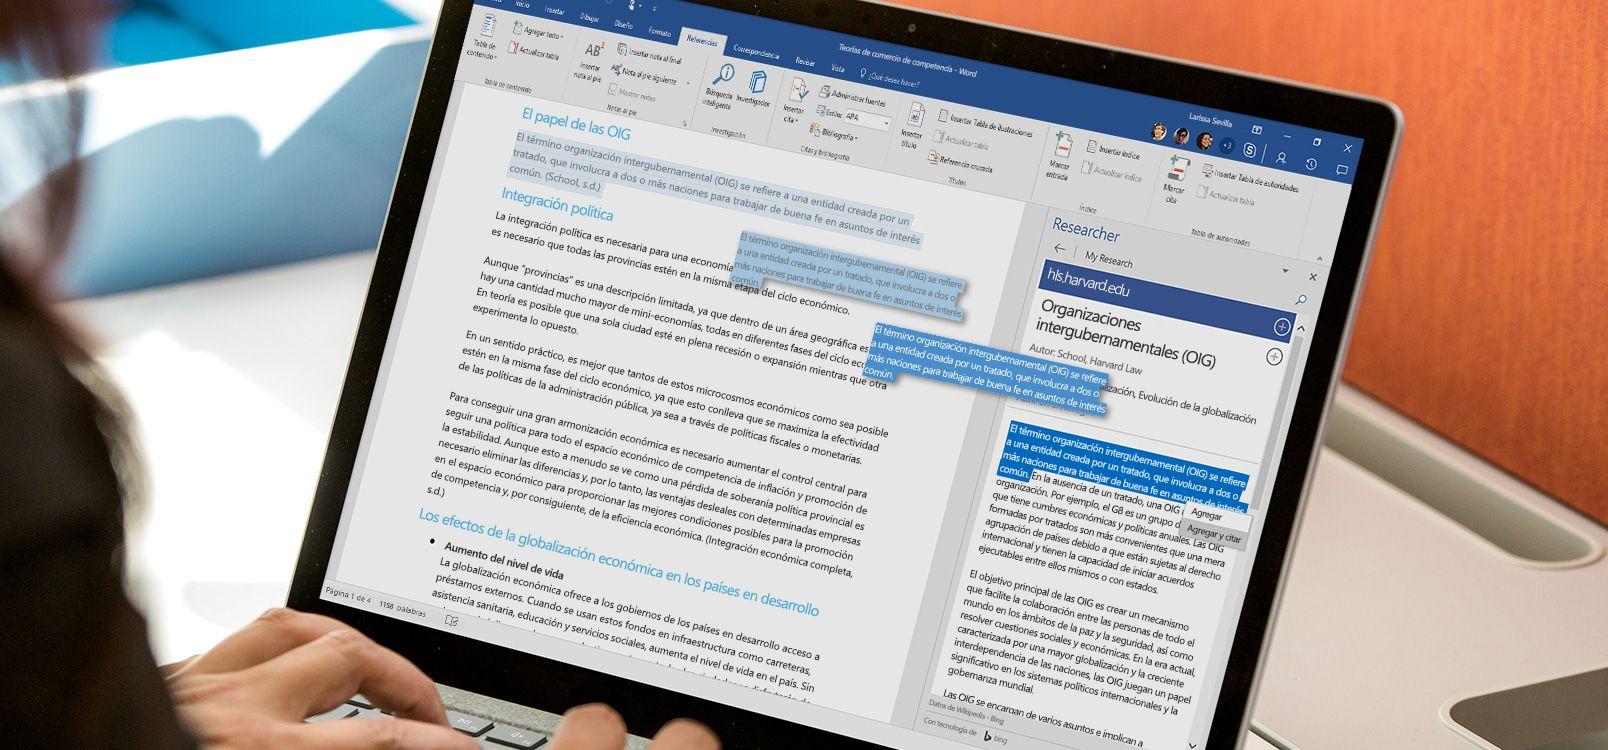 Pantalla de un equipo portátil en la que se muestra un documento de Word en el que se está usando la característica Investigador